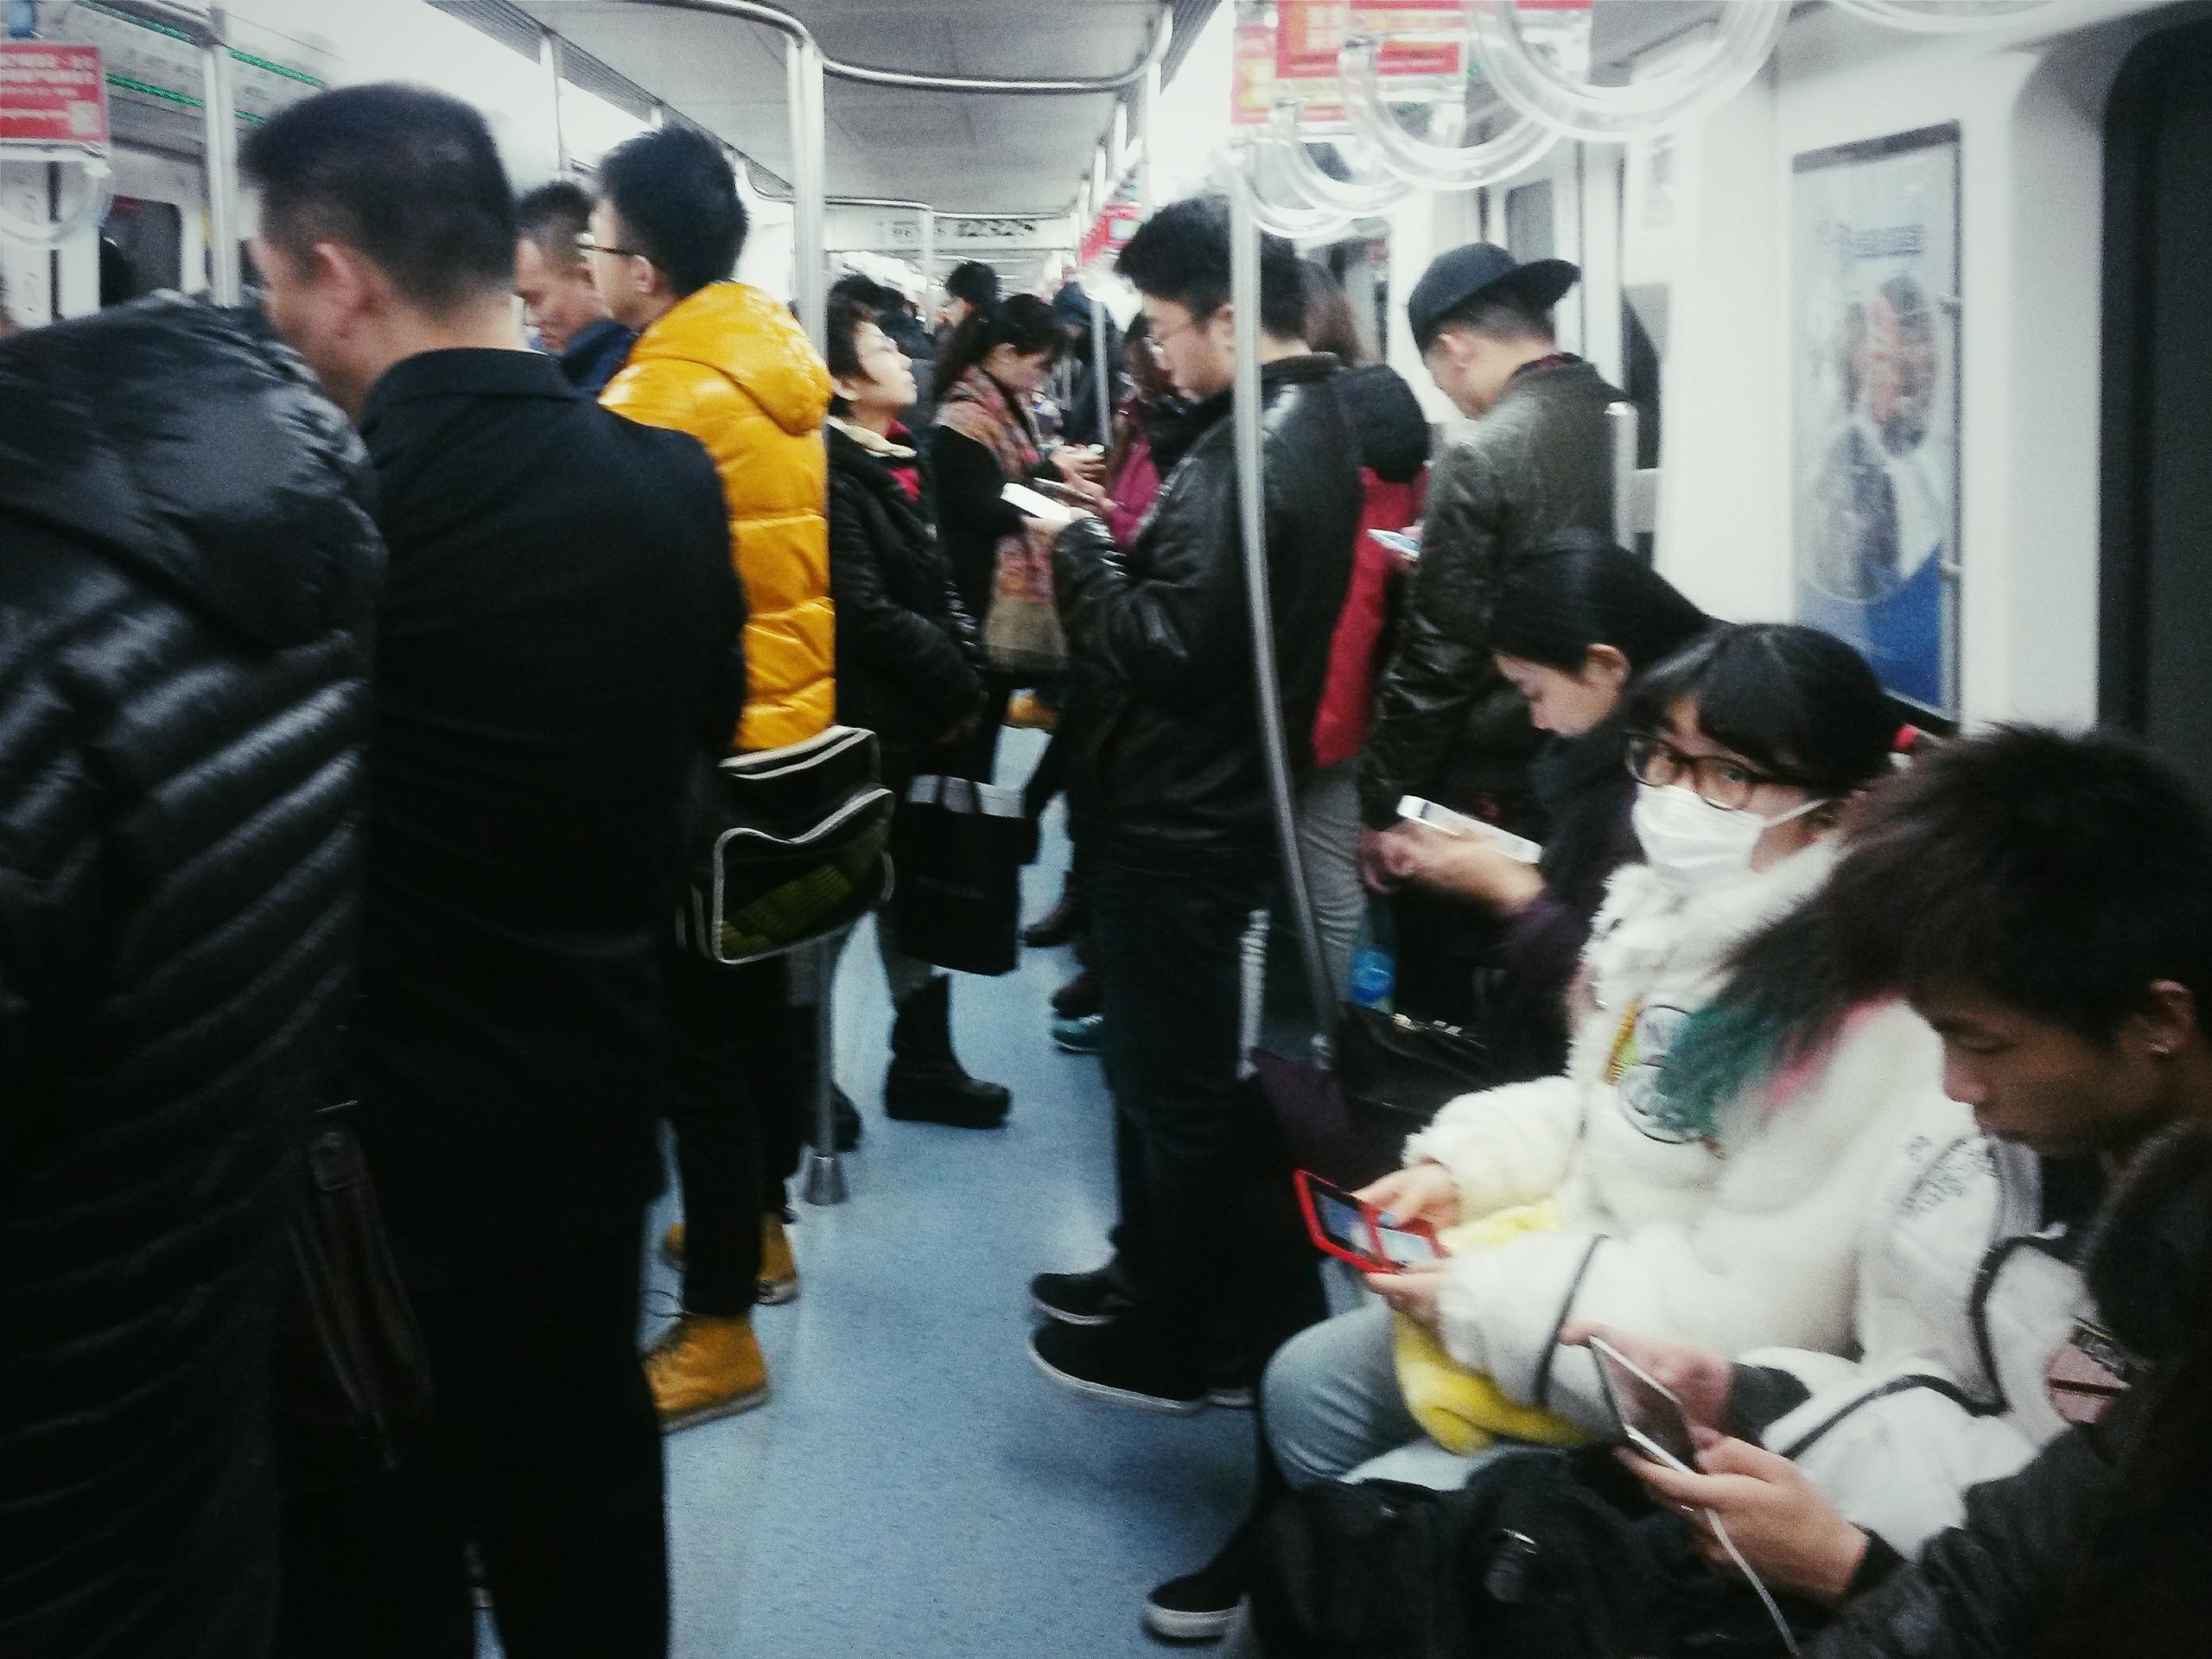 Pekingin metrossa älypuhelimet piippaavaat taajaan, kun matkustajat selaavat somekanaviaan. Kuva: Heta Hassinen